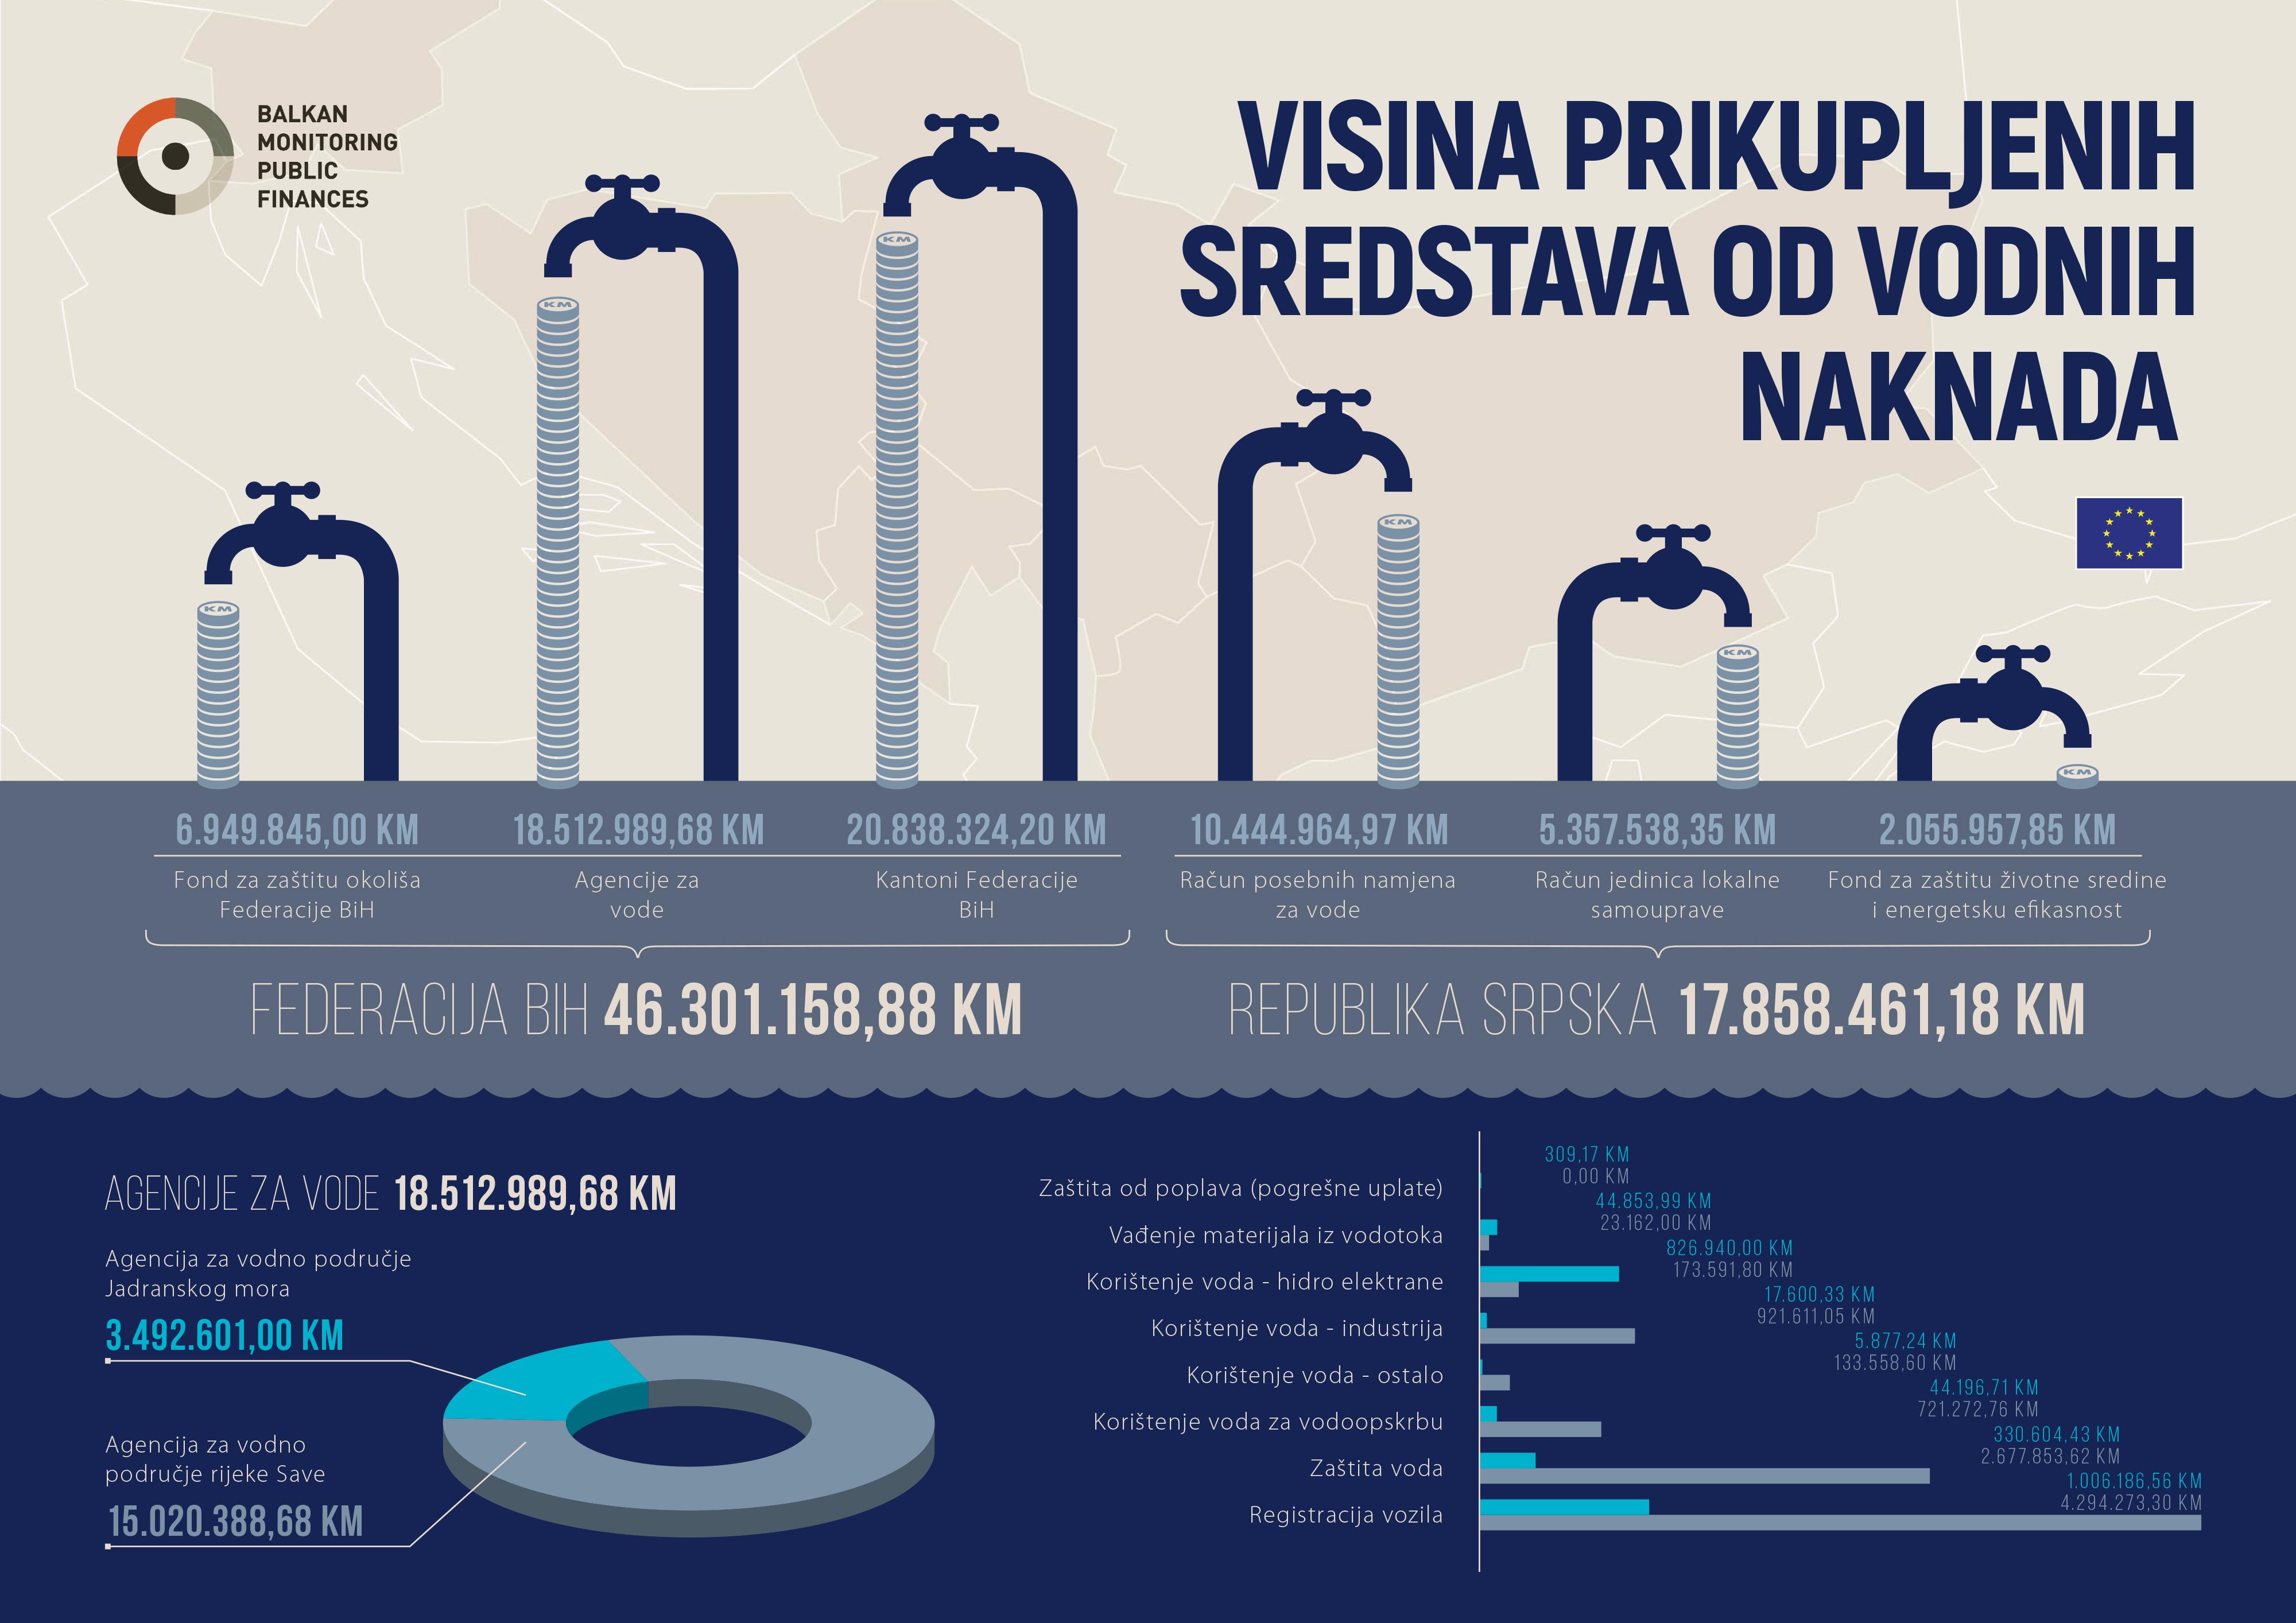 Predstavljen Izvještaj o vodnim naknadama